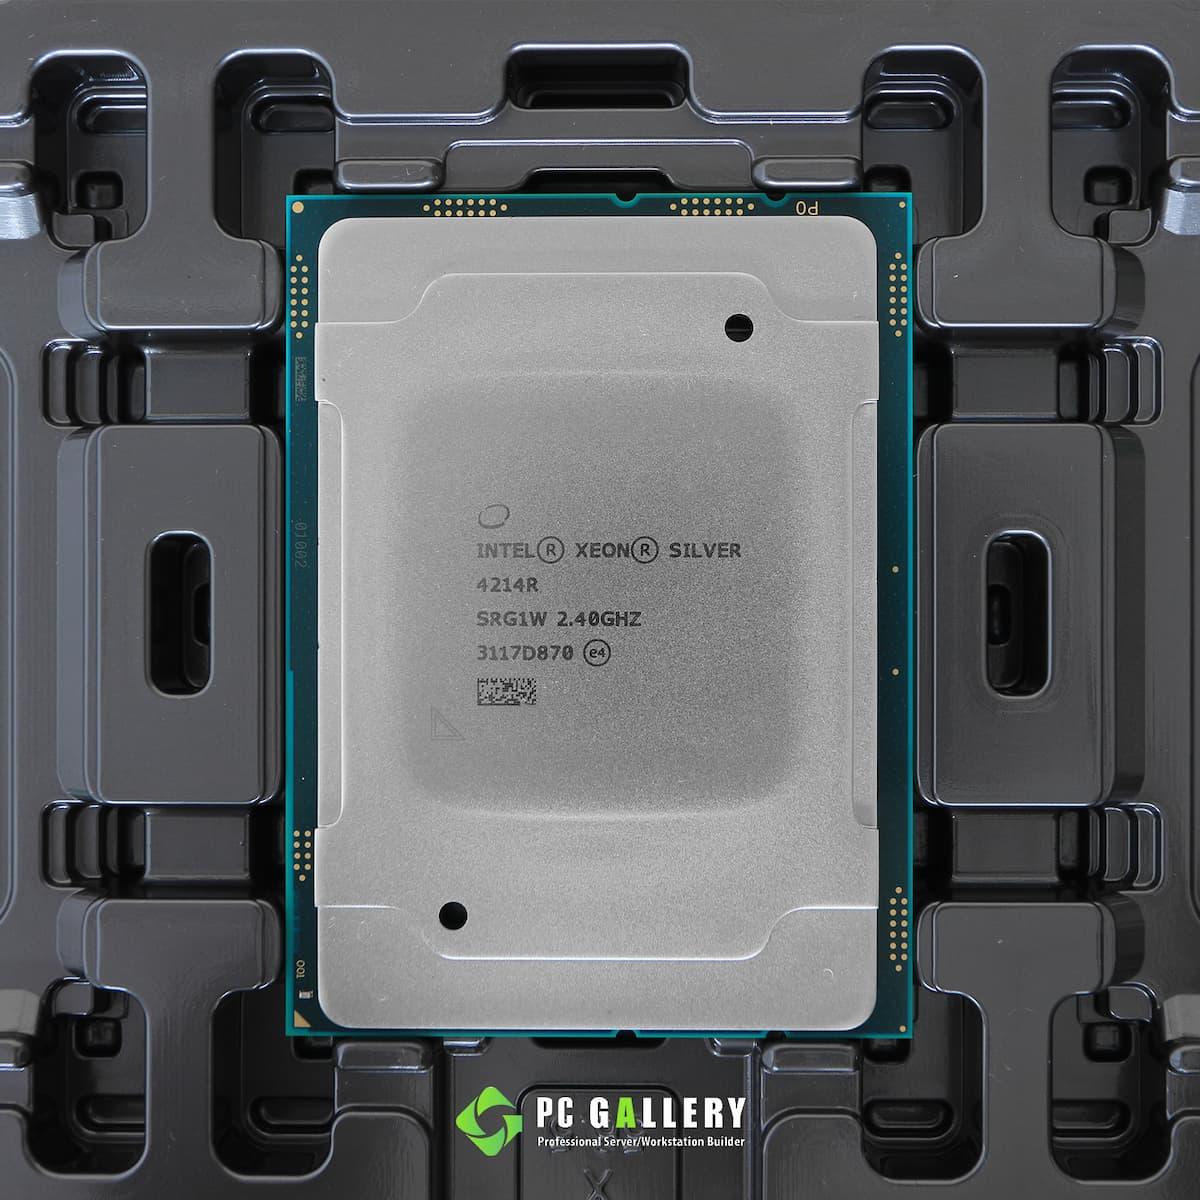 Intel-Xeon-Silver-4214R